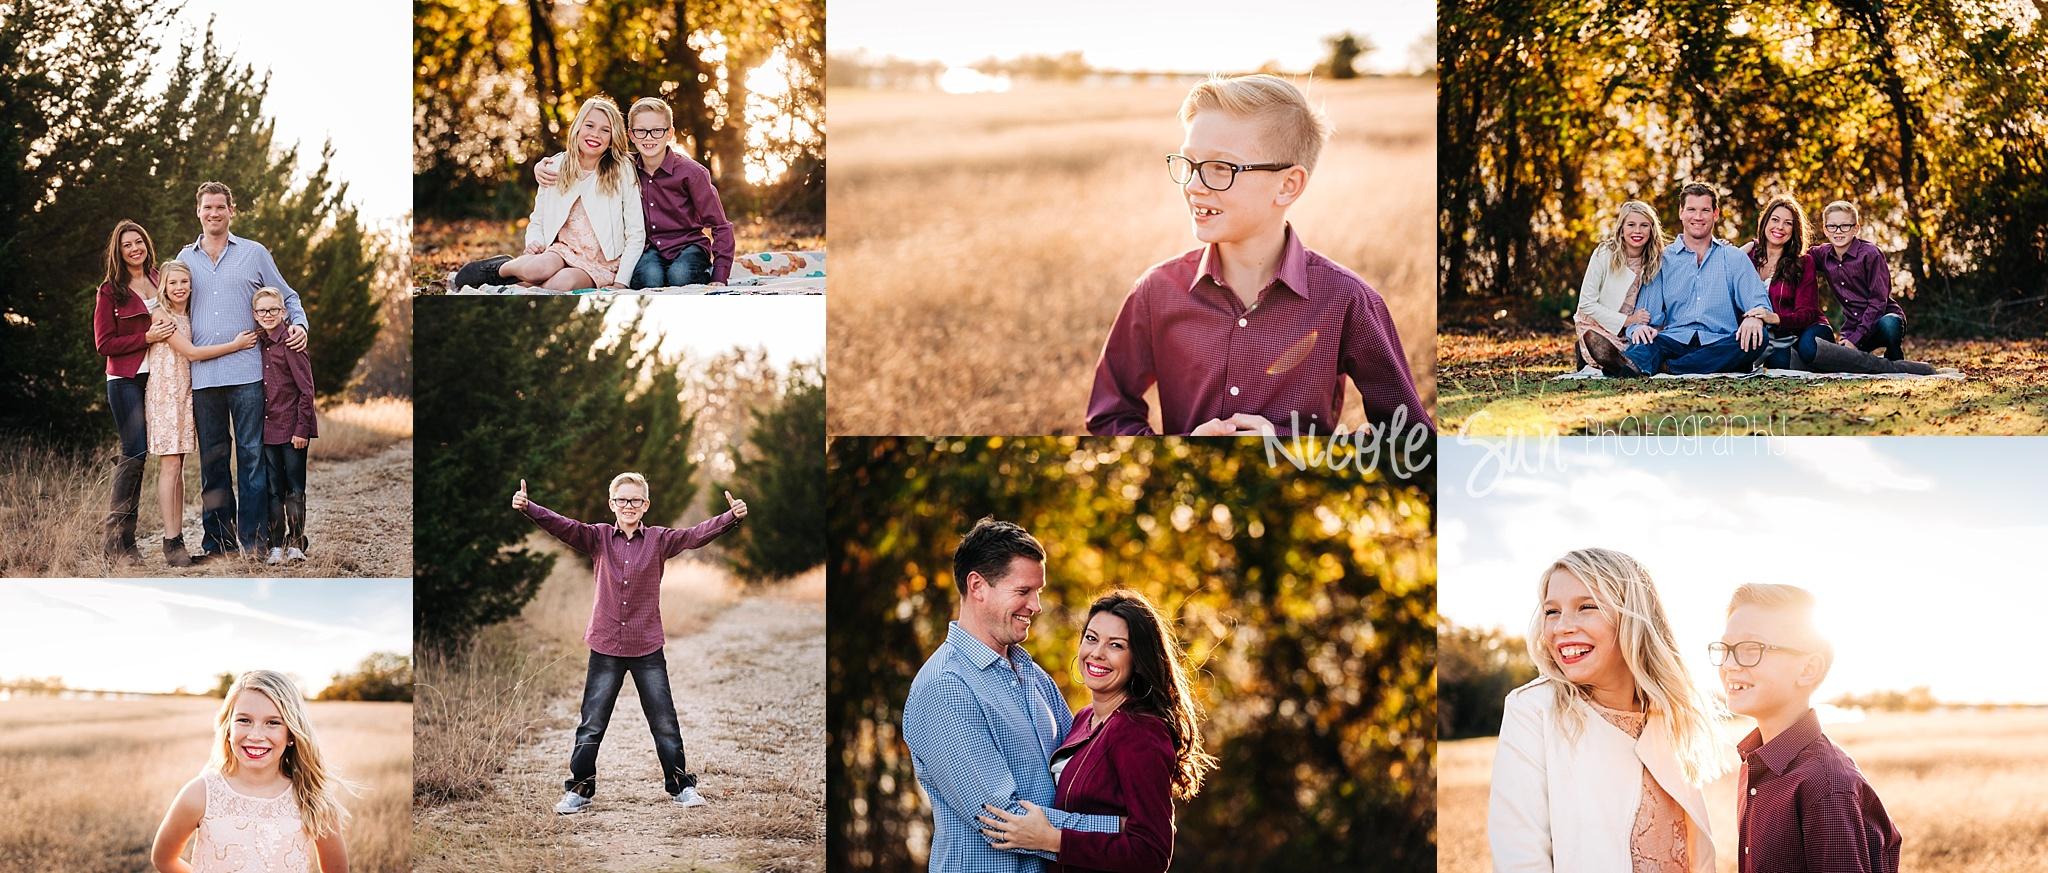 friscofallfamilyphotographer.jpg